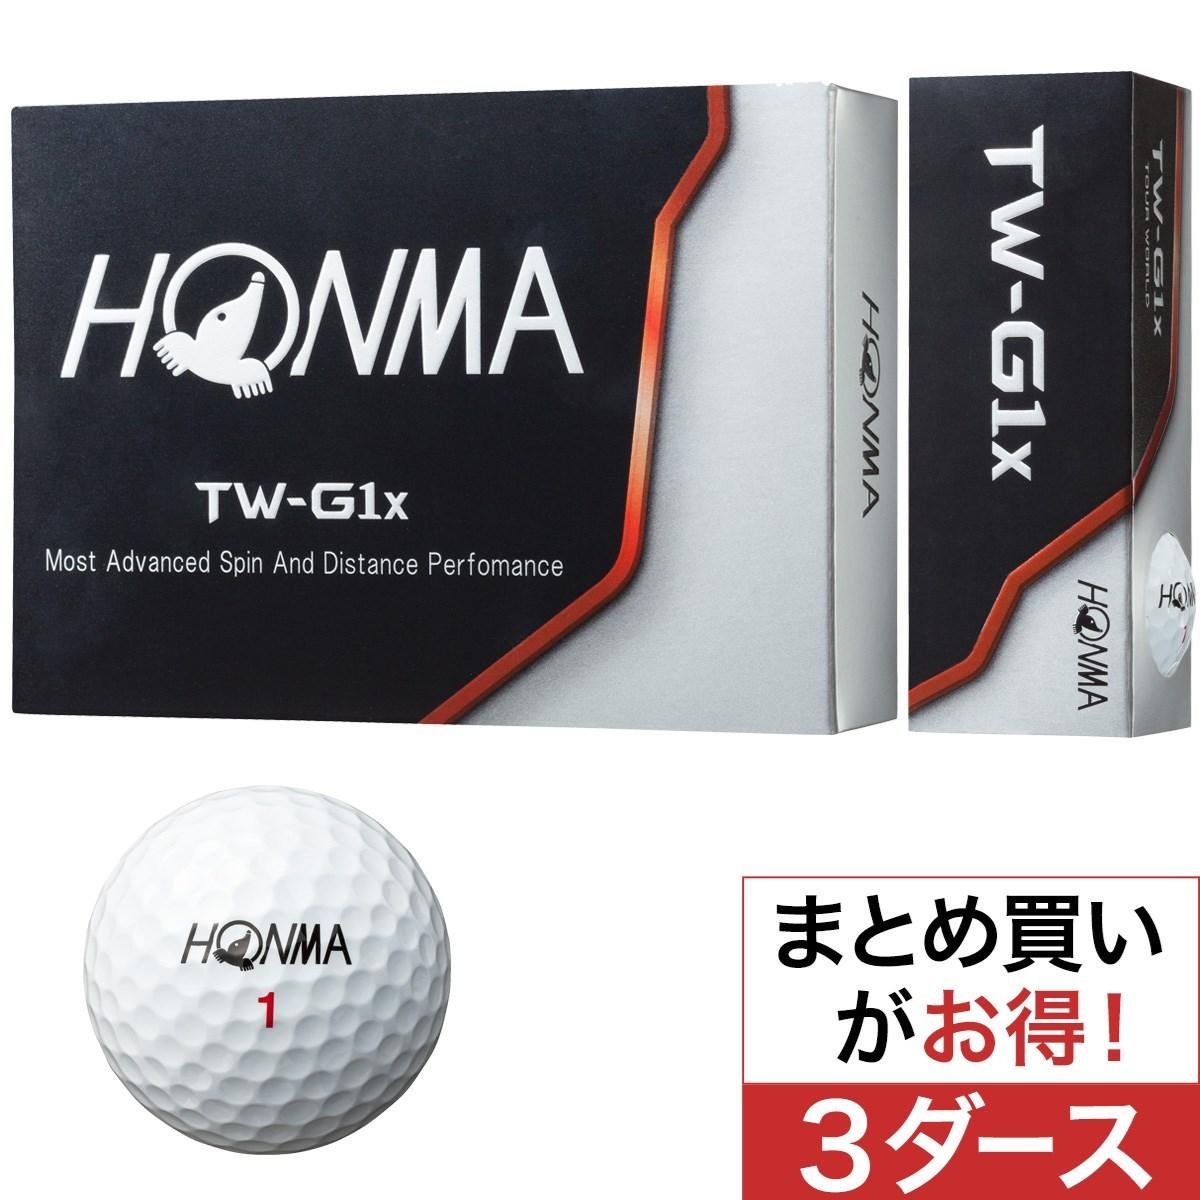 本間ゴルフ(HONMA GOLF) TW-G1x ボール 3ダースセット